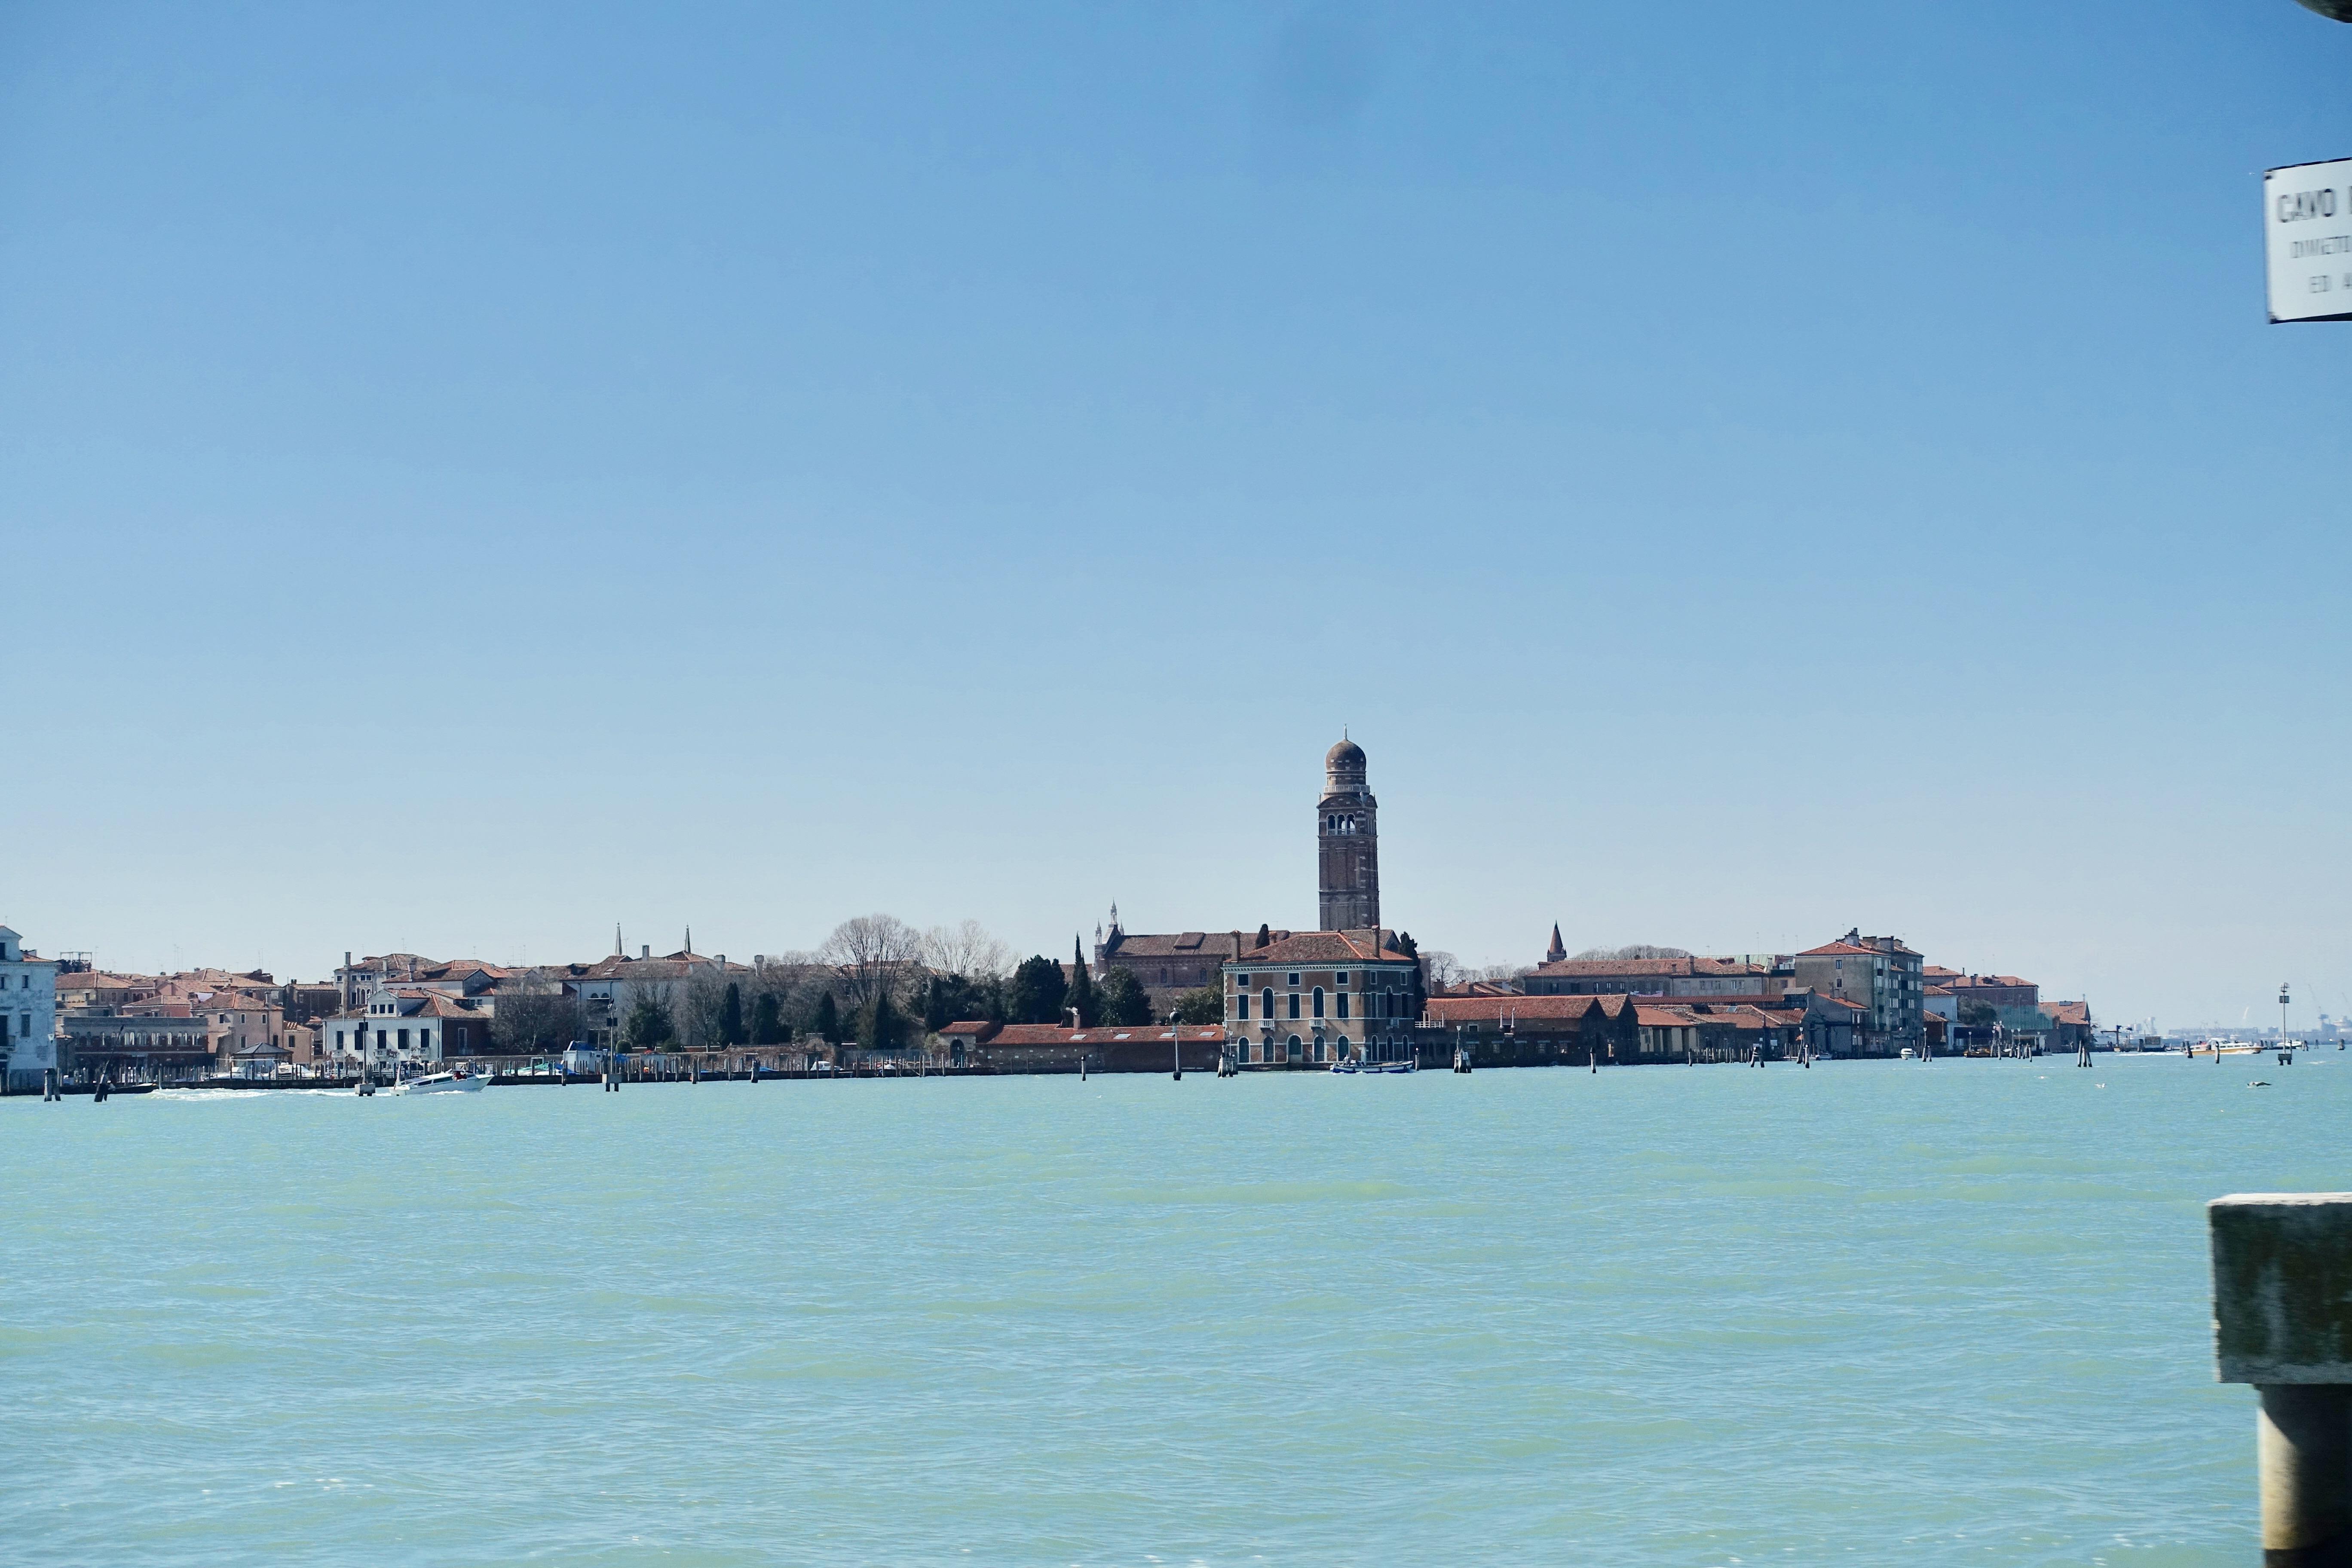 Venedig Reiseinfos – Blick von Linie 12 auf Venedig